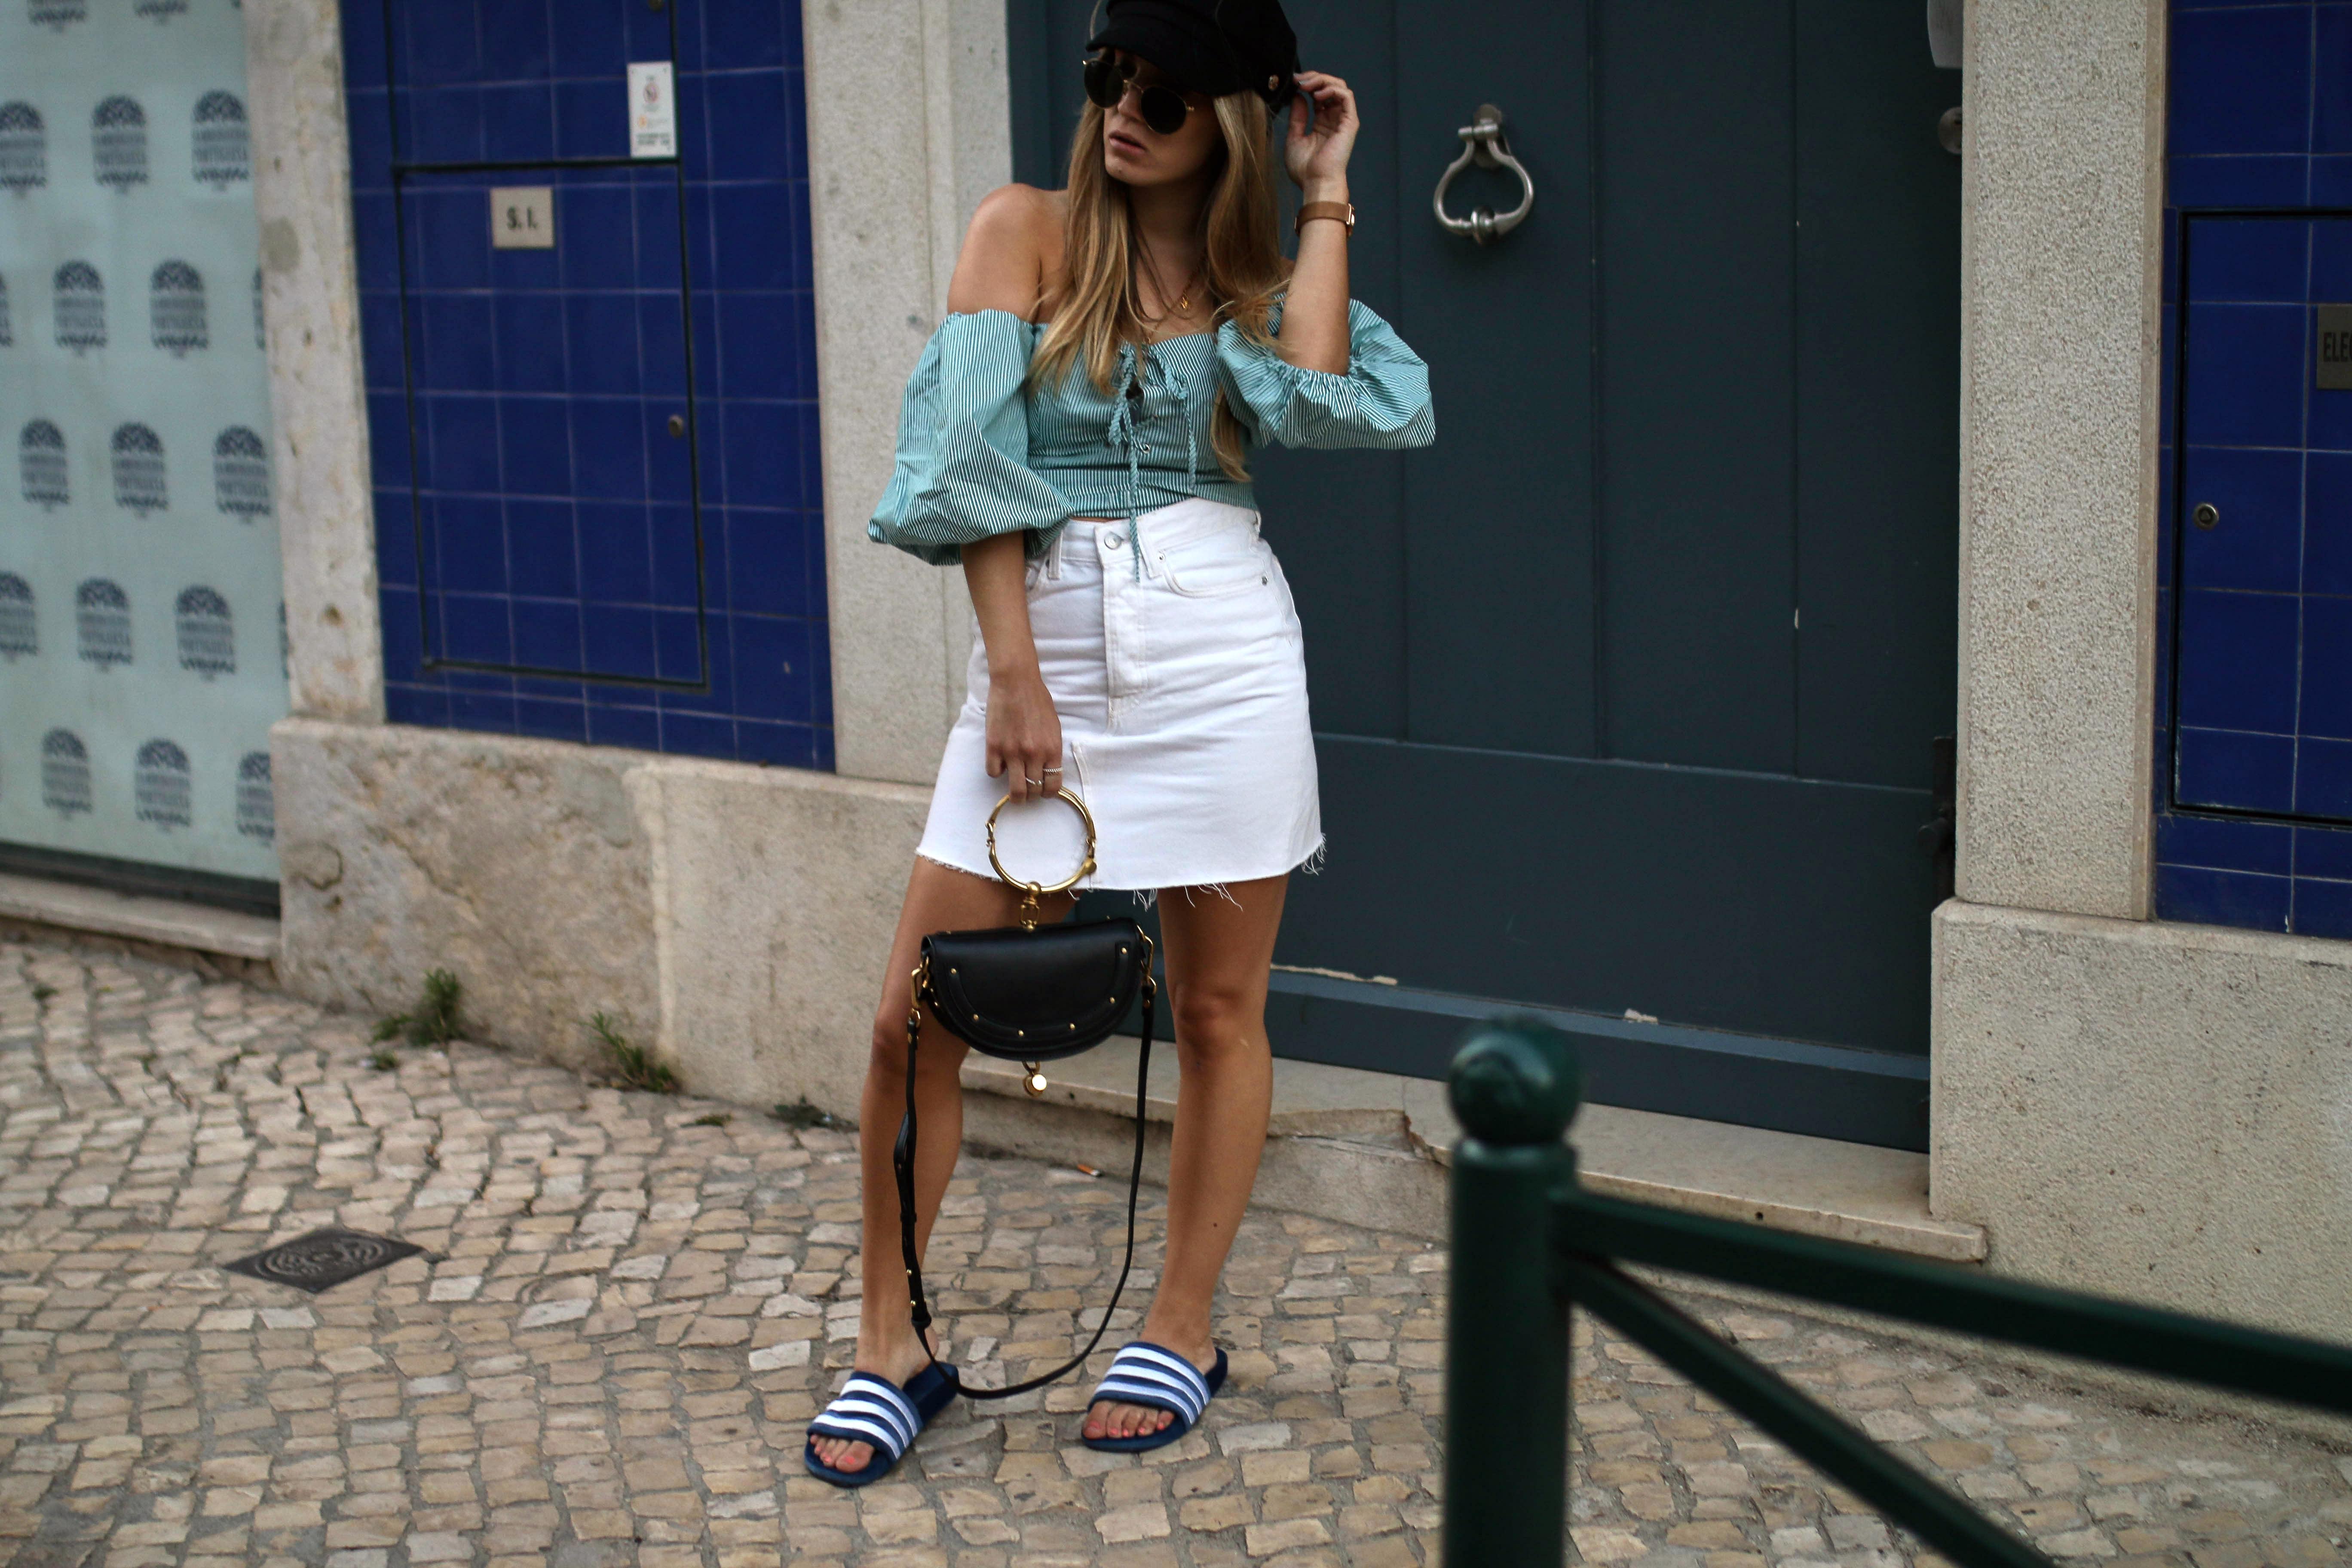 baker boy hat 2017 trend streetstyle fashion blog off shoulder blouse velvet adiletten